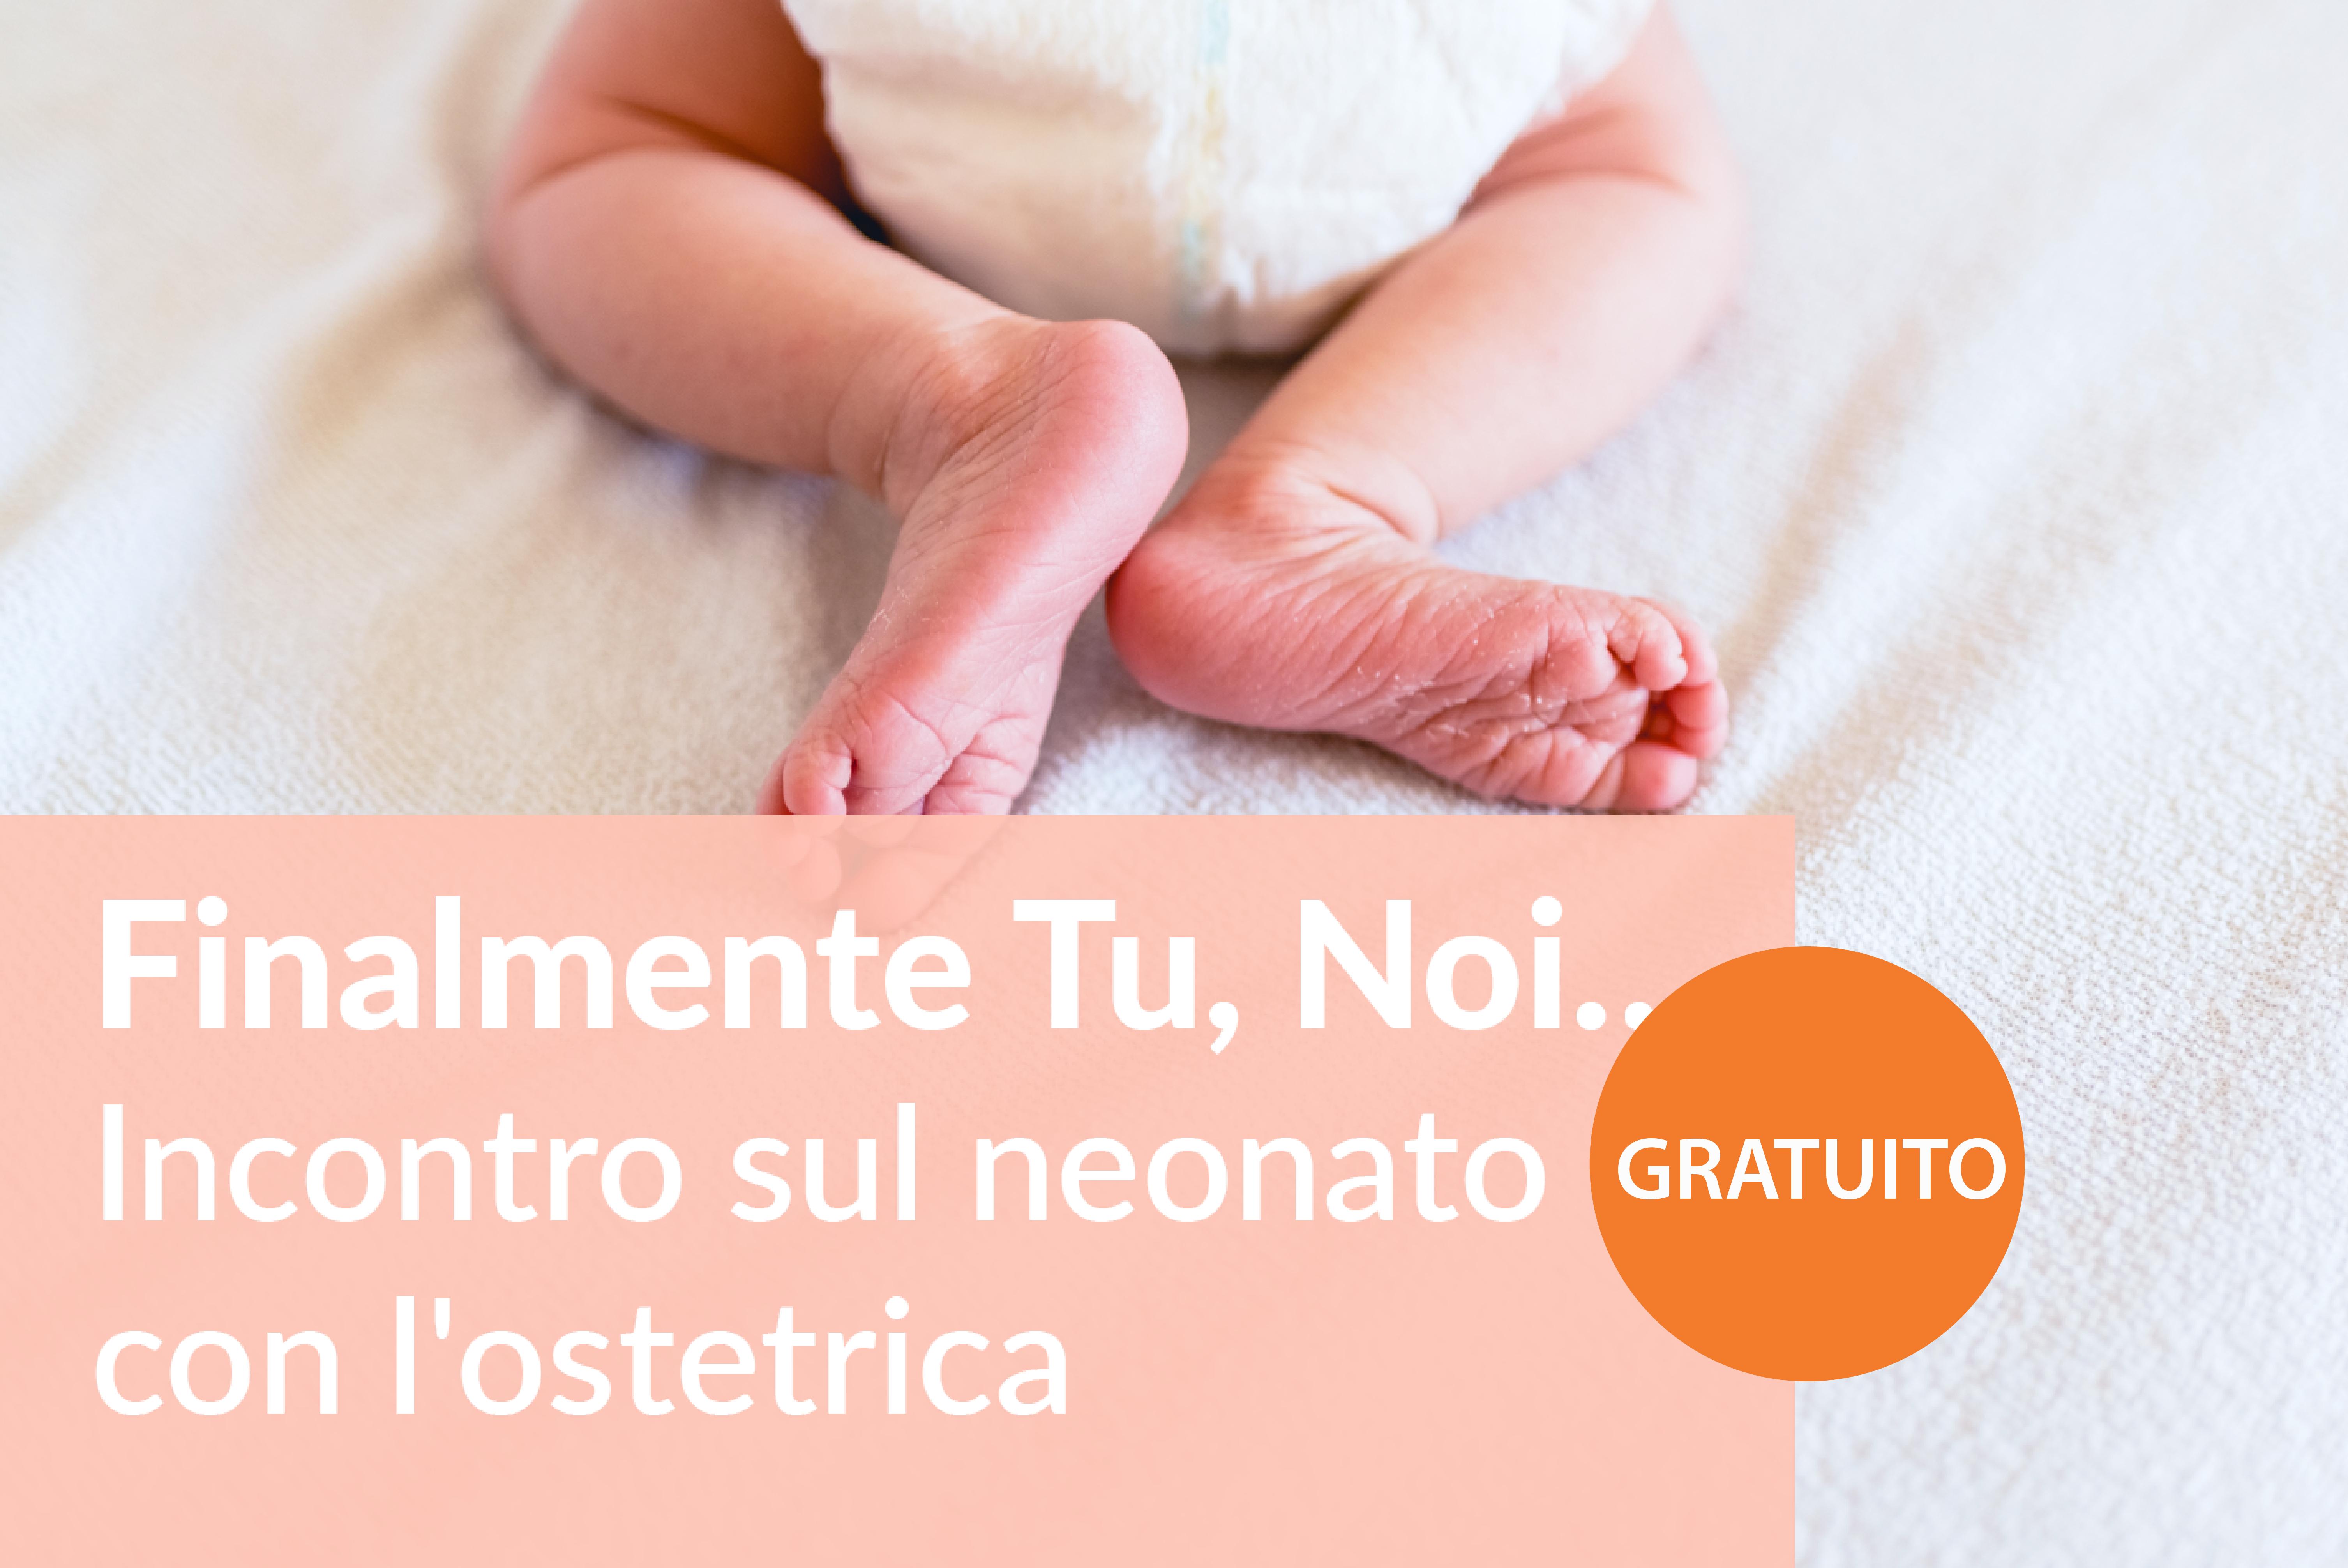 Finalmente Tu, Noi… Incontro sul neonato con l'ostetrica!